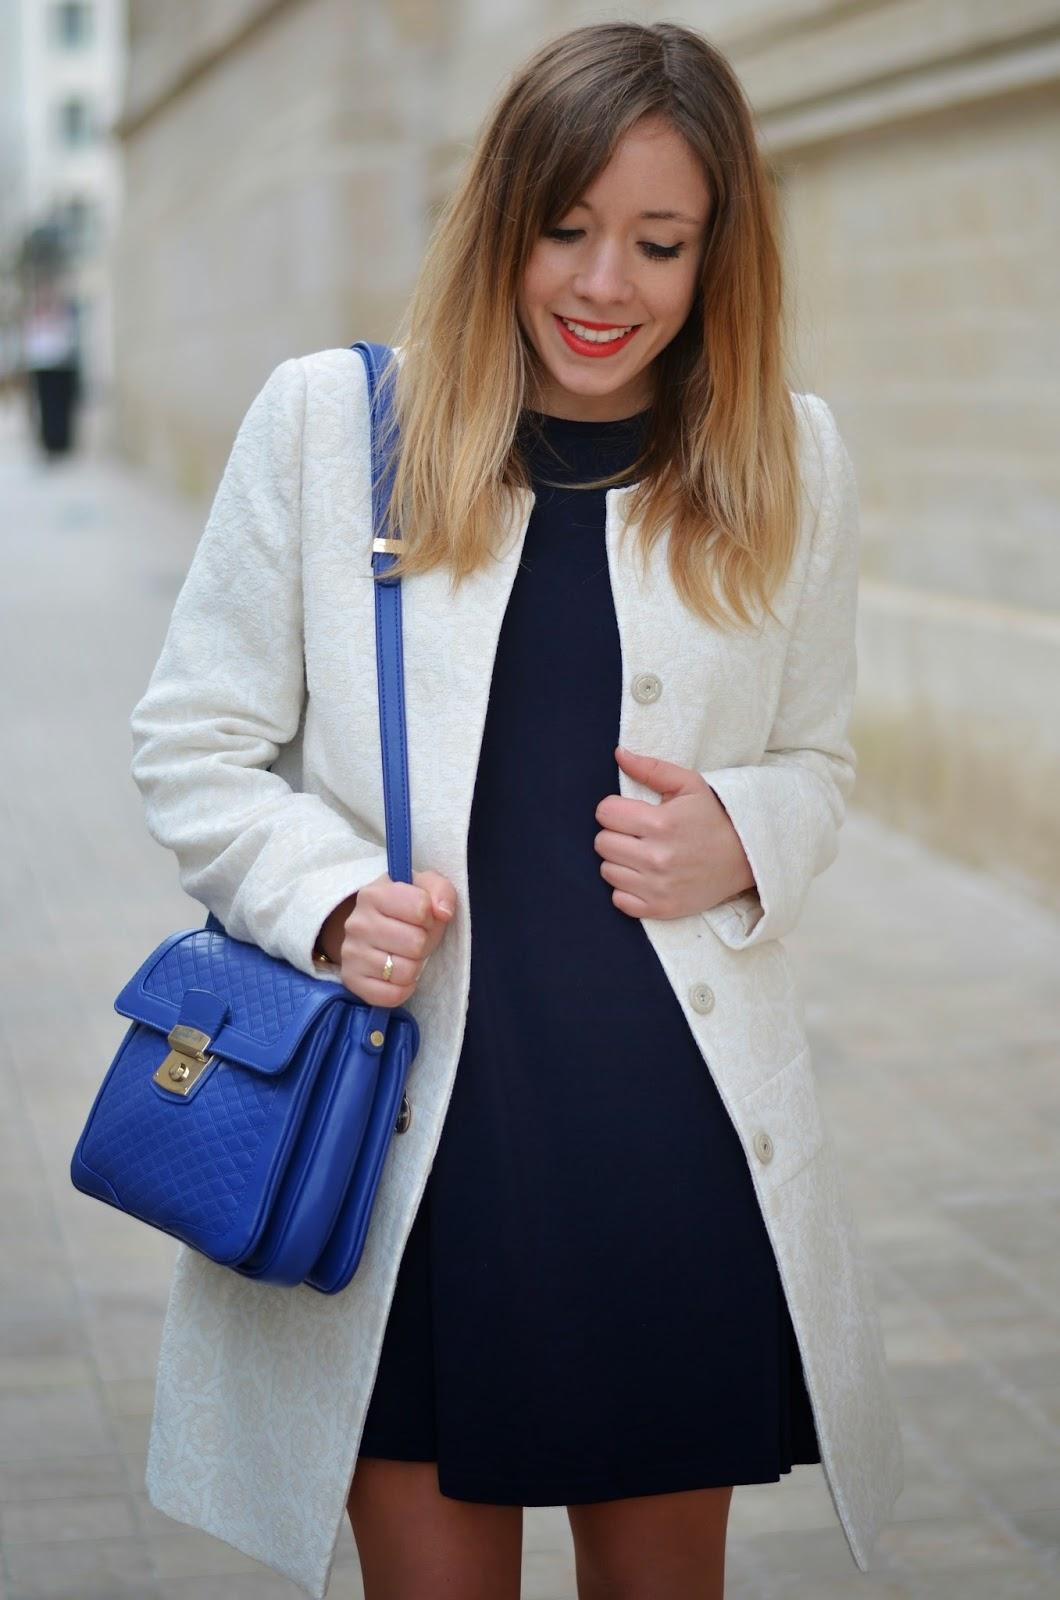 Fabuleux Robe bleu marine et veste blanche | La mode des robes de France GU53